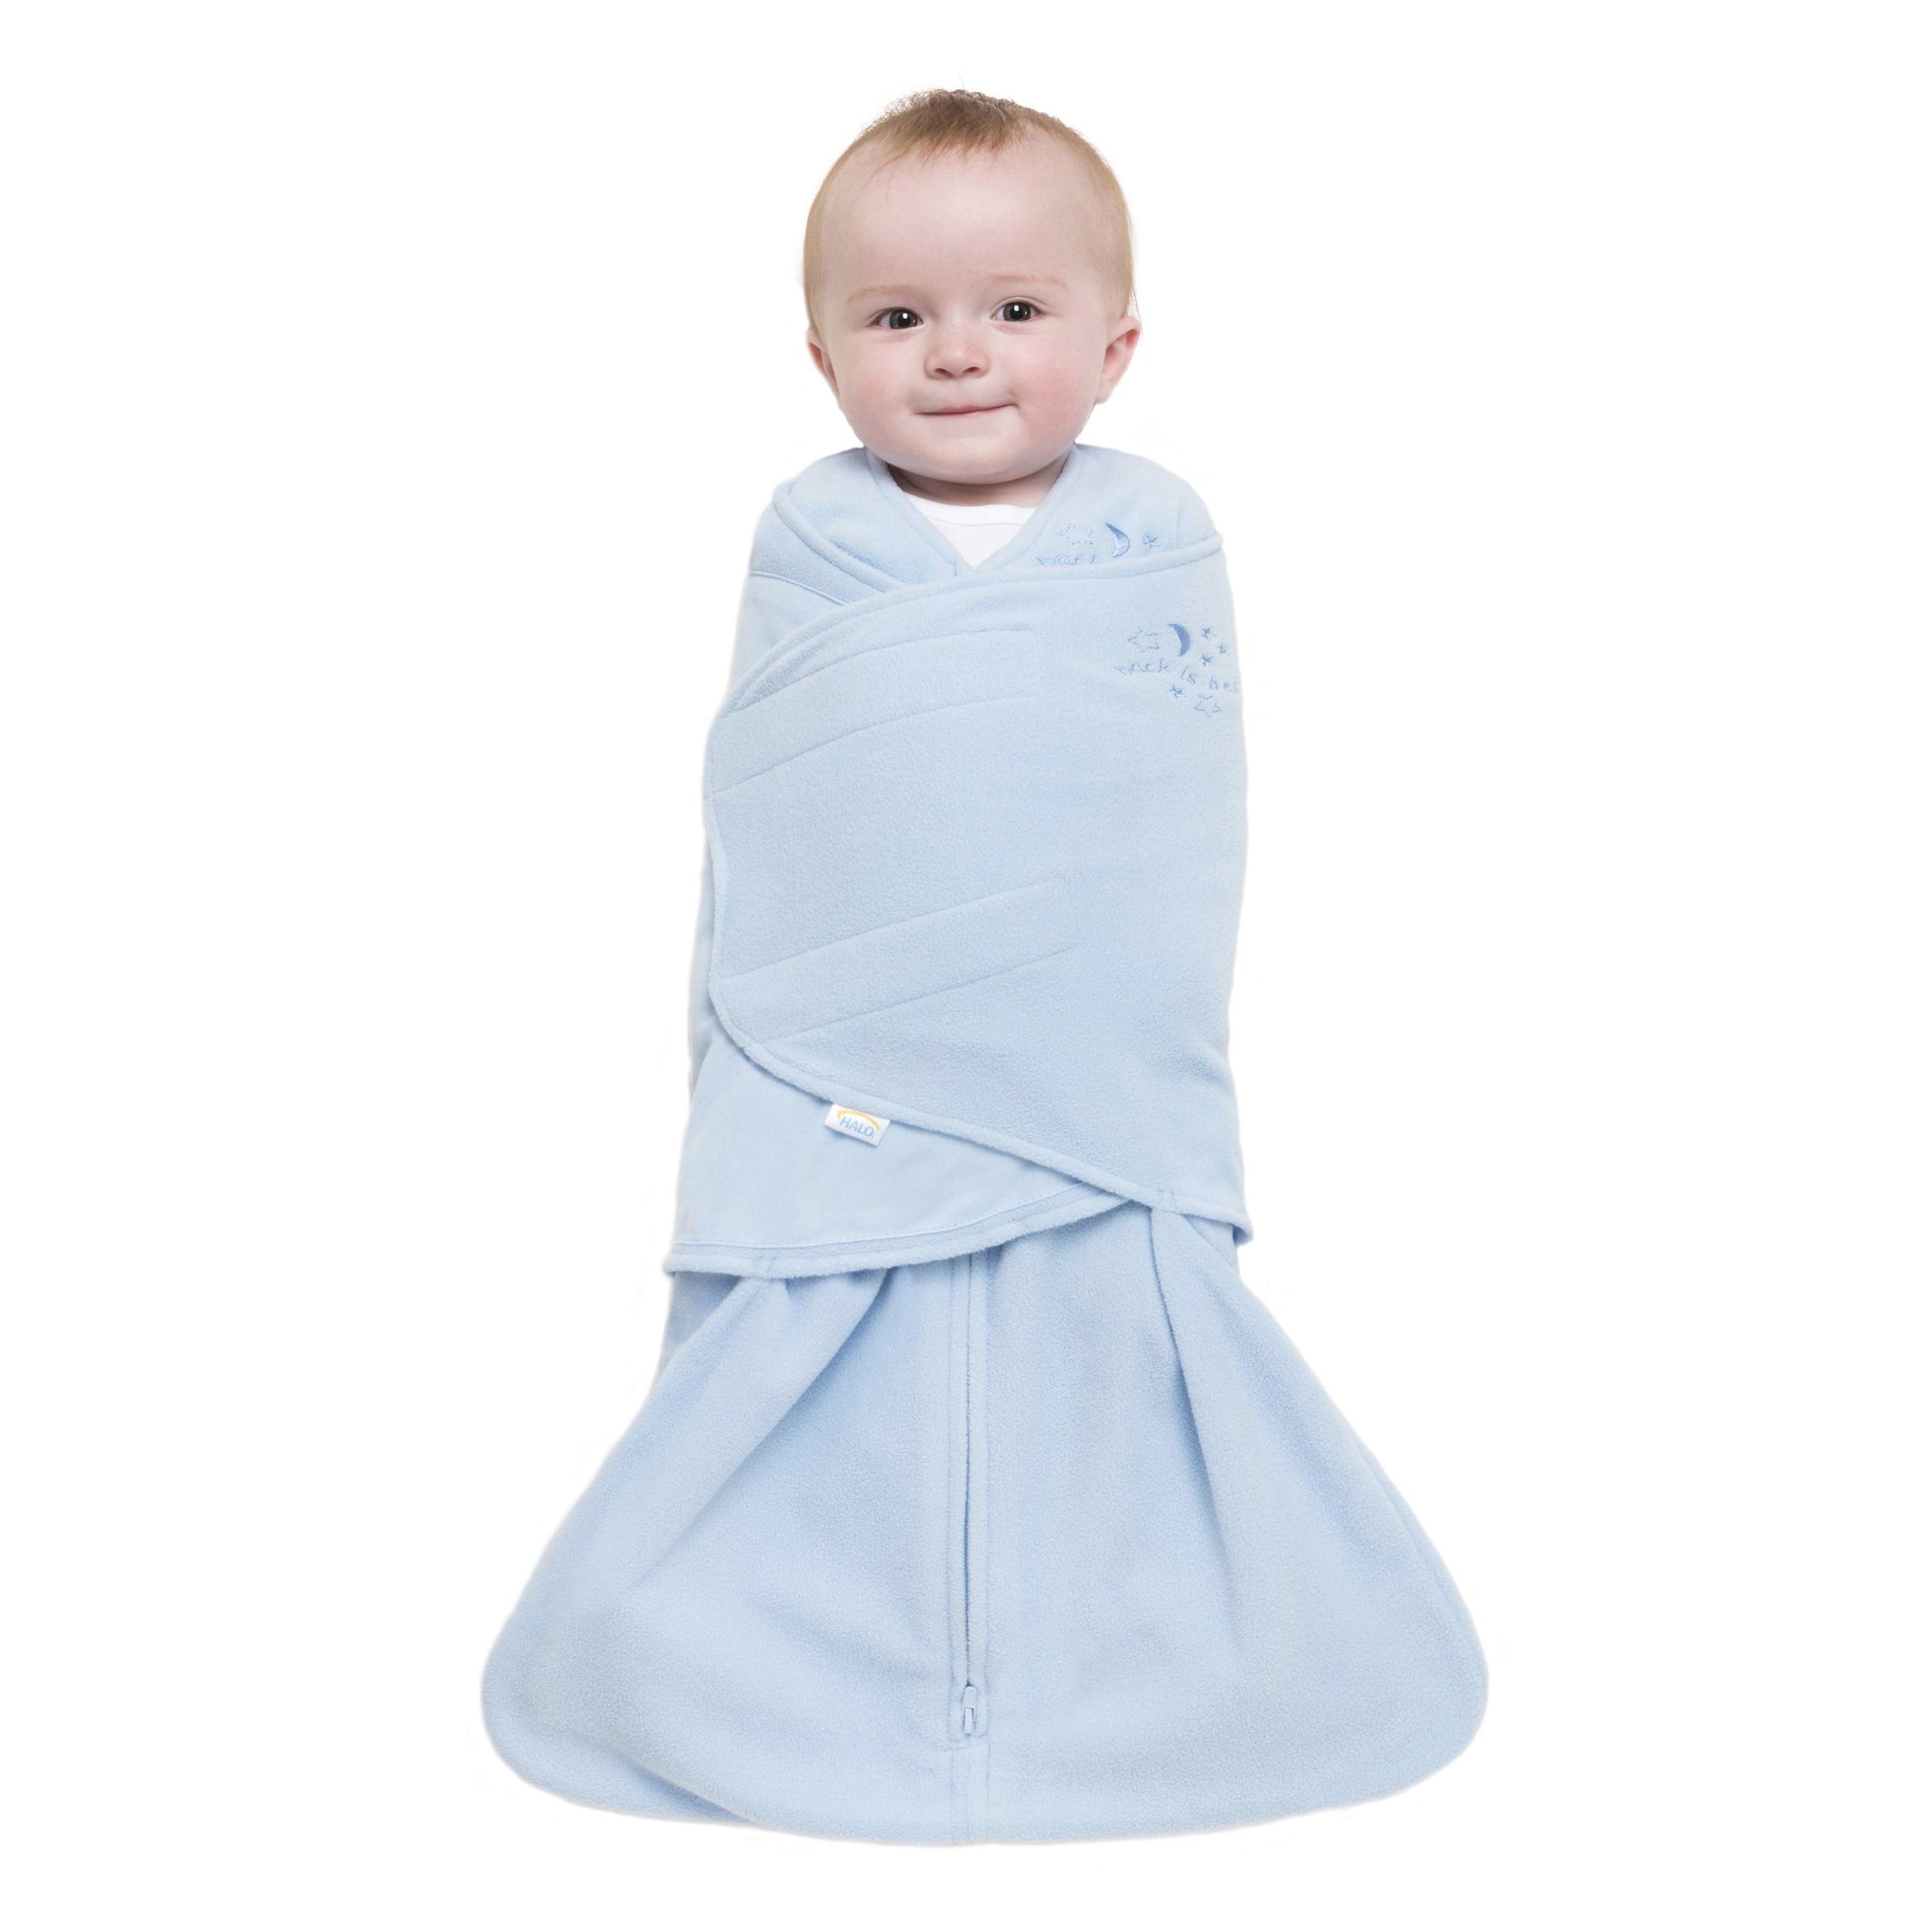 Halo SleepSack Swaddle Fleece Preemie Baby